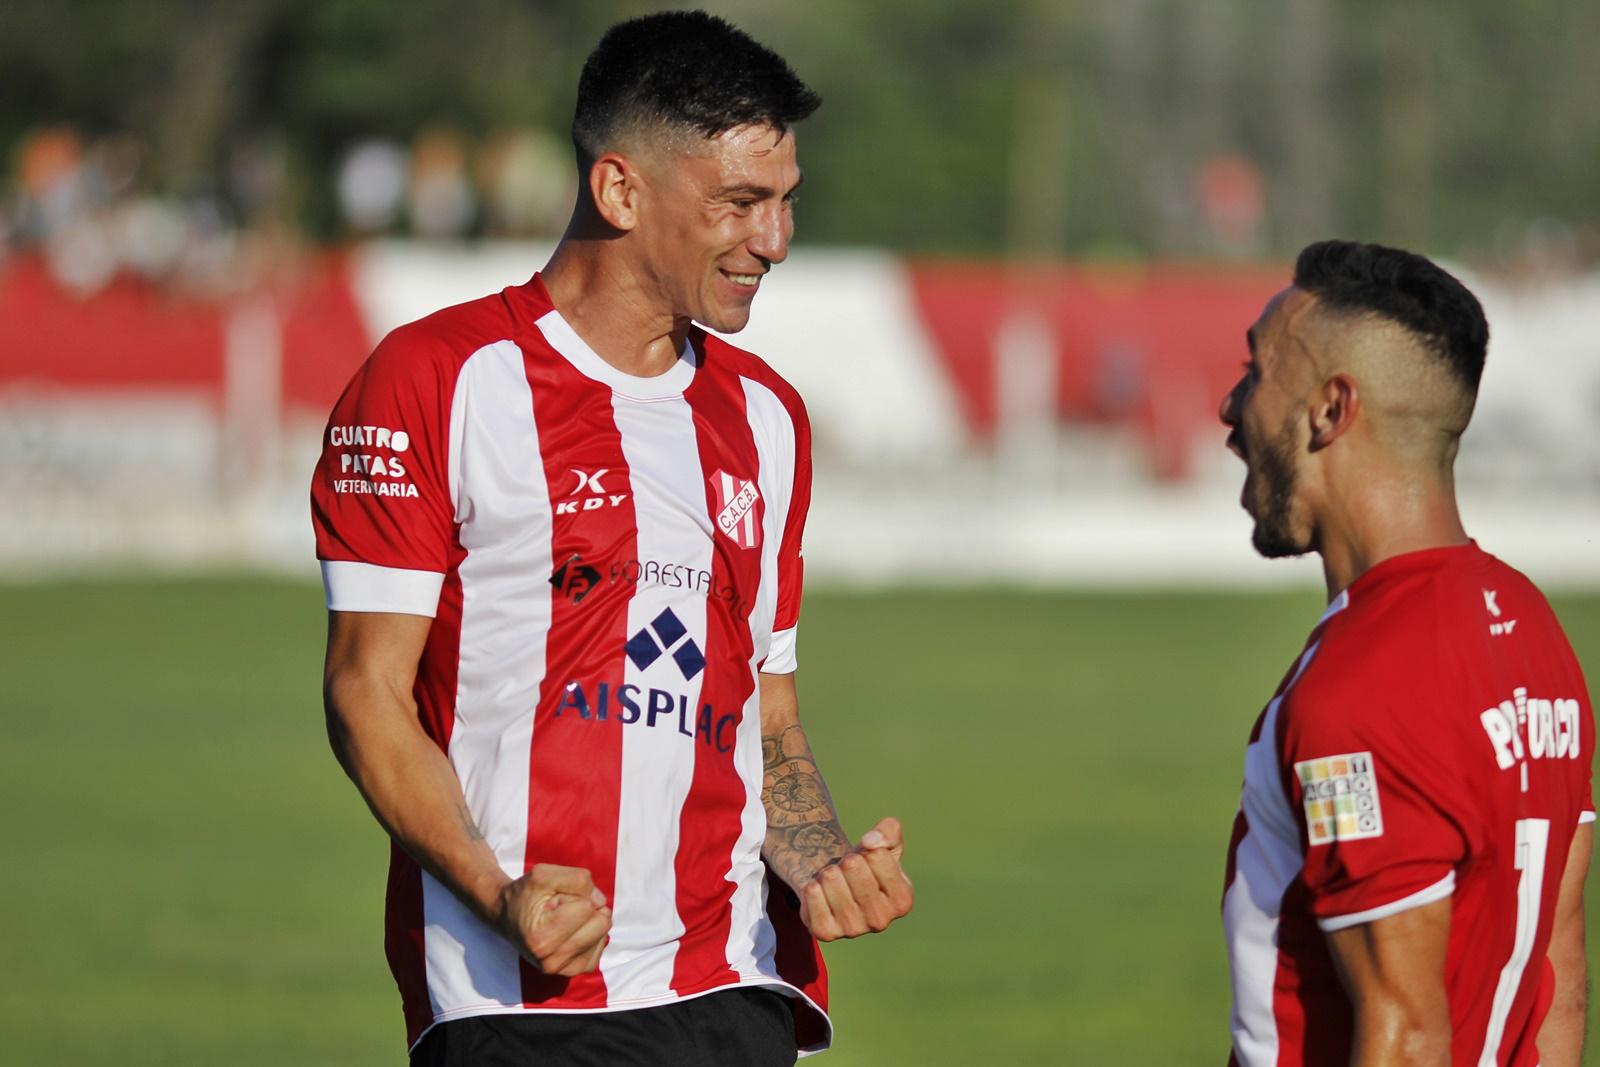 Torneo Federal Regional Amateur: Costa va de visita ante Atlético Macachín